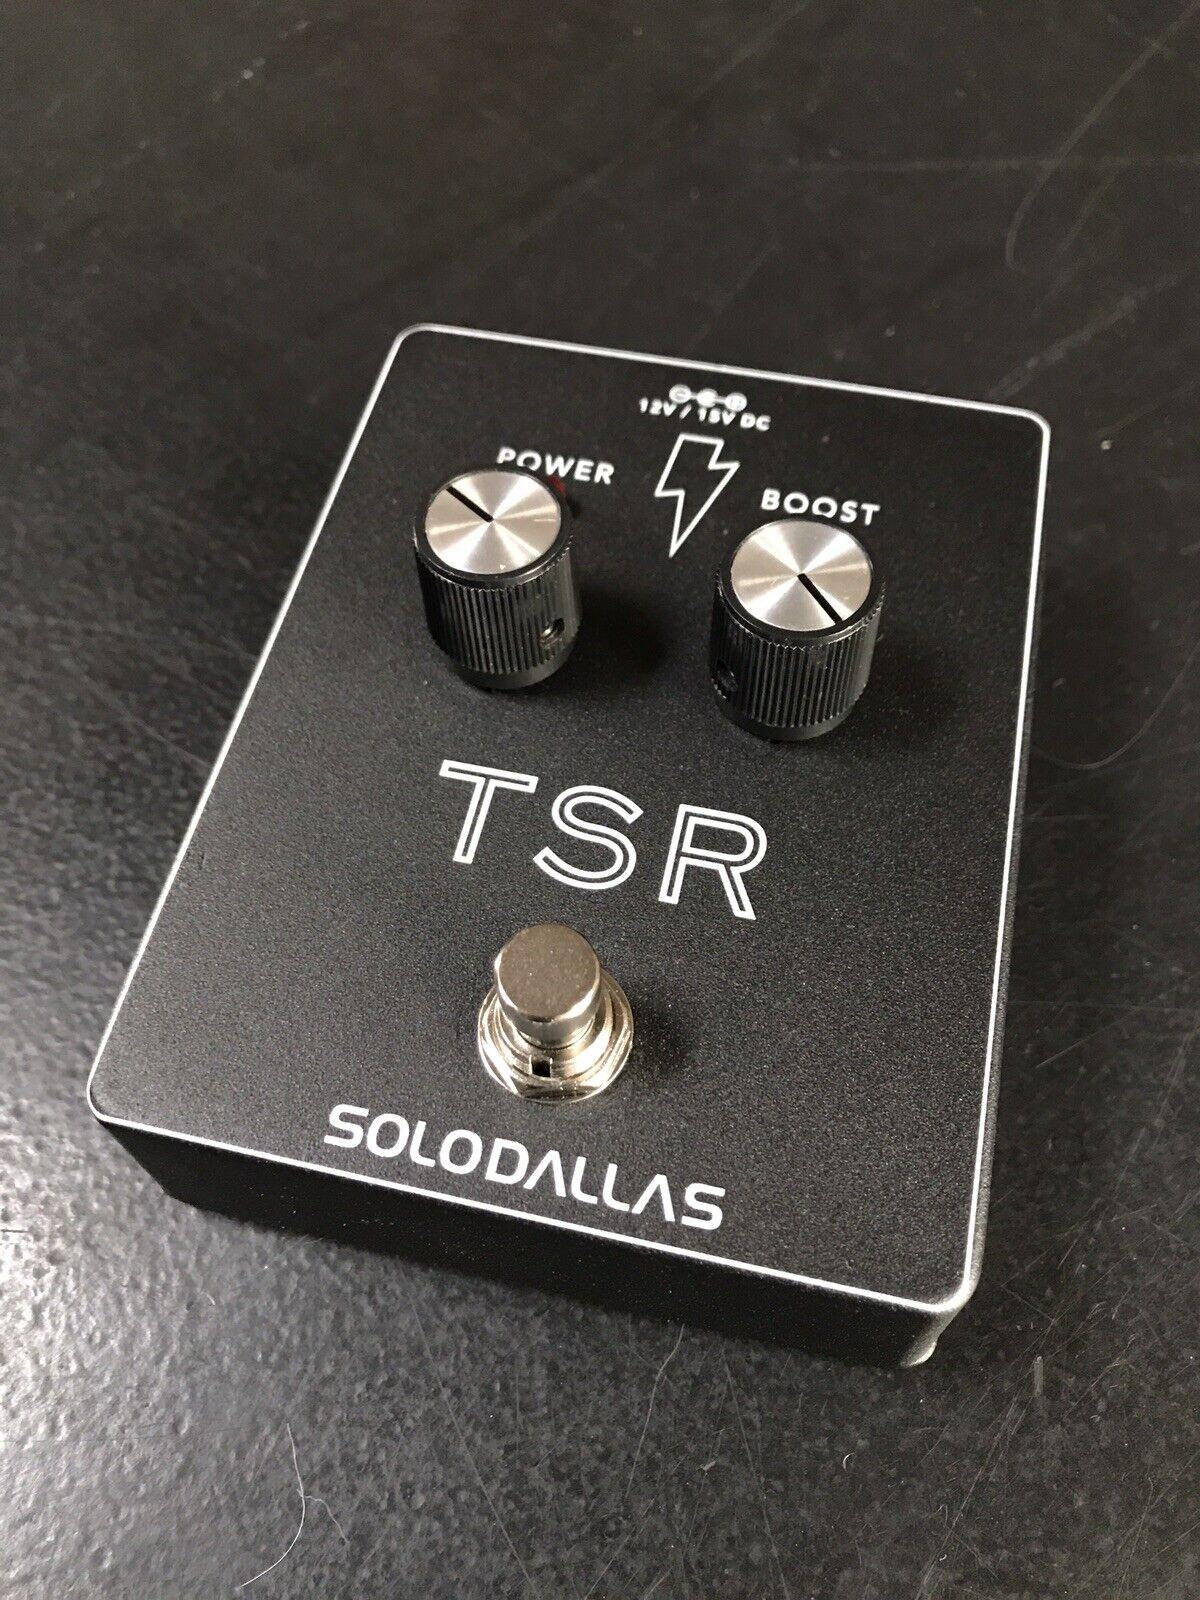 SoloDallas TSR Classic AC DC in the box Compander Boost Solo Dallas